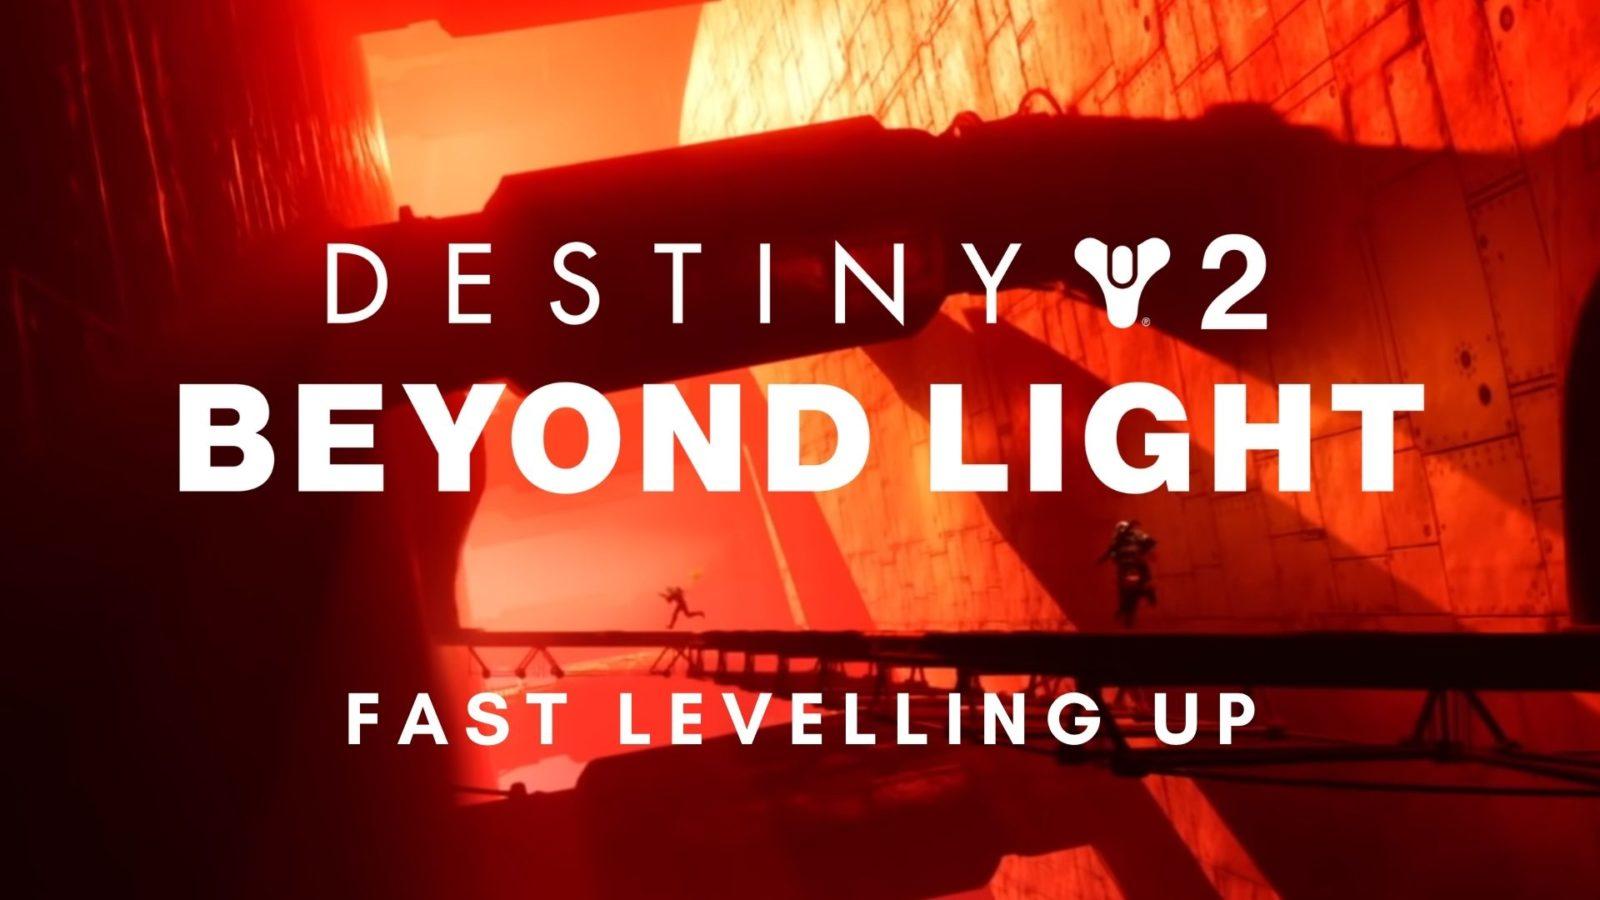 destiny 2 beyond light levelling up